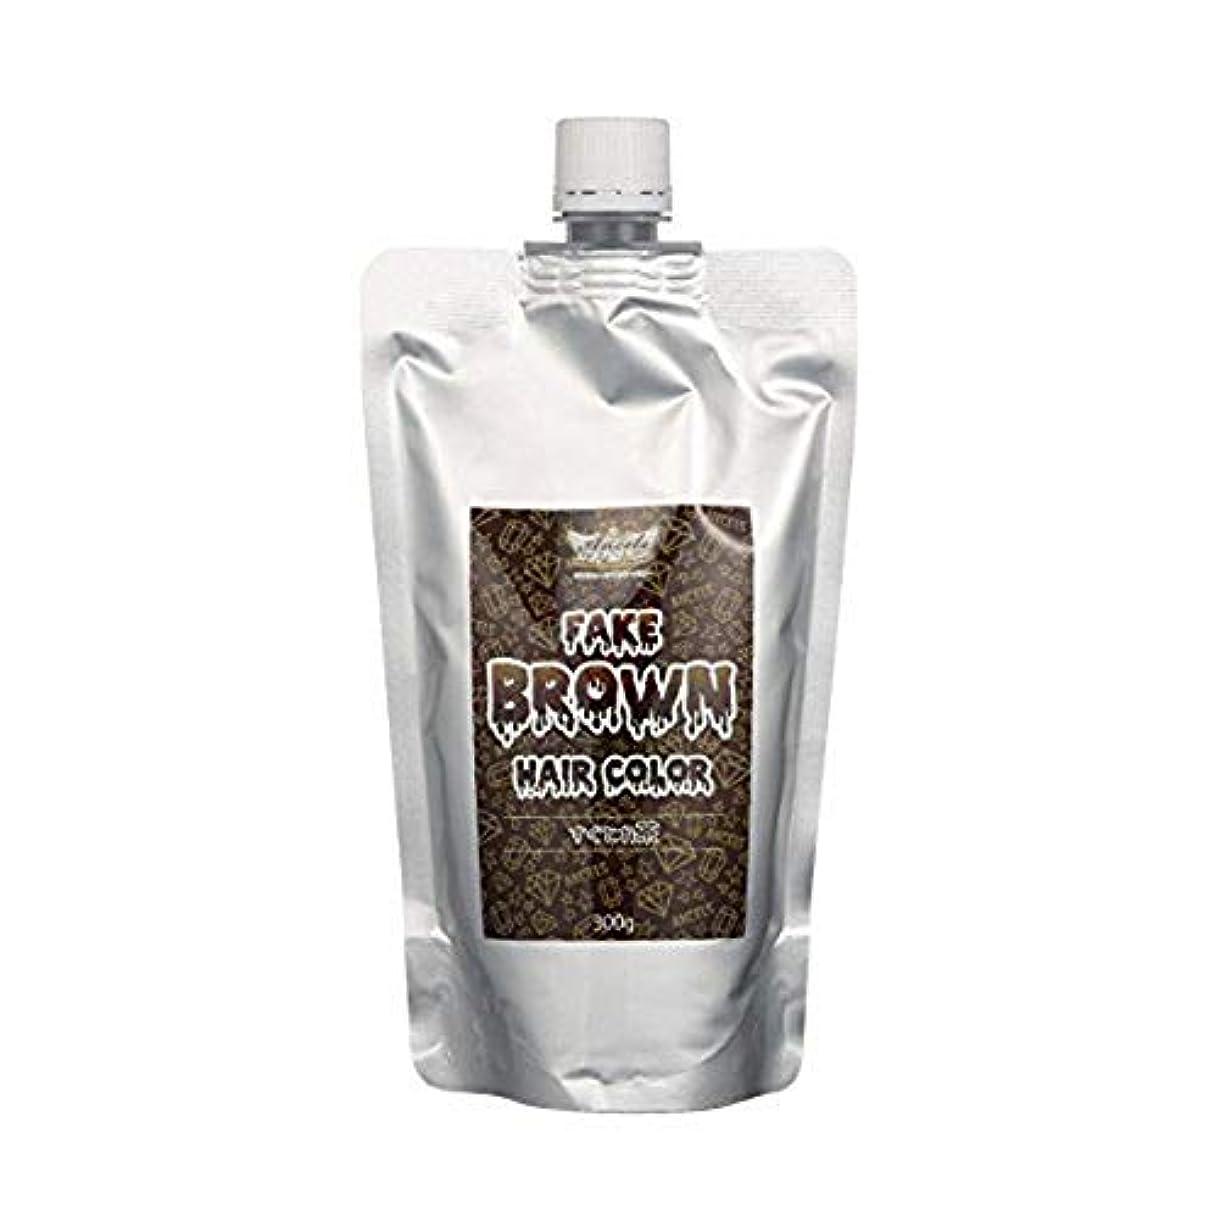 毛布昆虫断線passion エンシェールズ すぐとれシリーズ すぐとれ黒 すぐとれ茶 FAKE フェイクブラック フェイクブラウン カラーバター カラートリートメント 300g すぐとれ茶